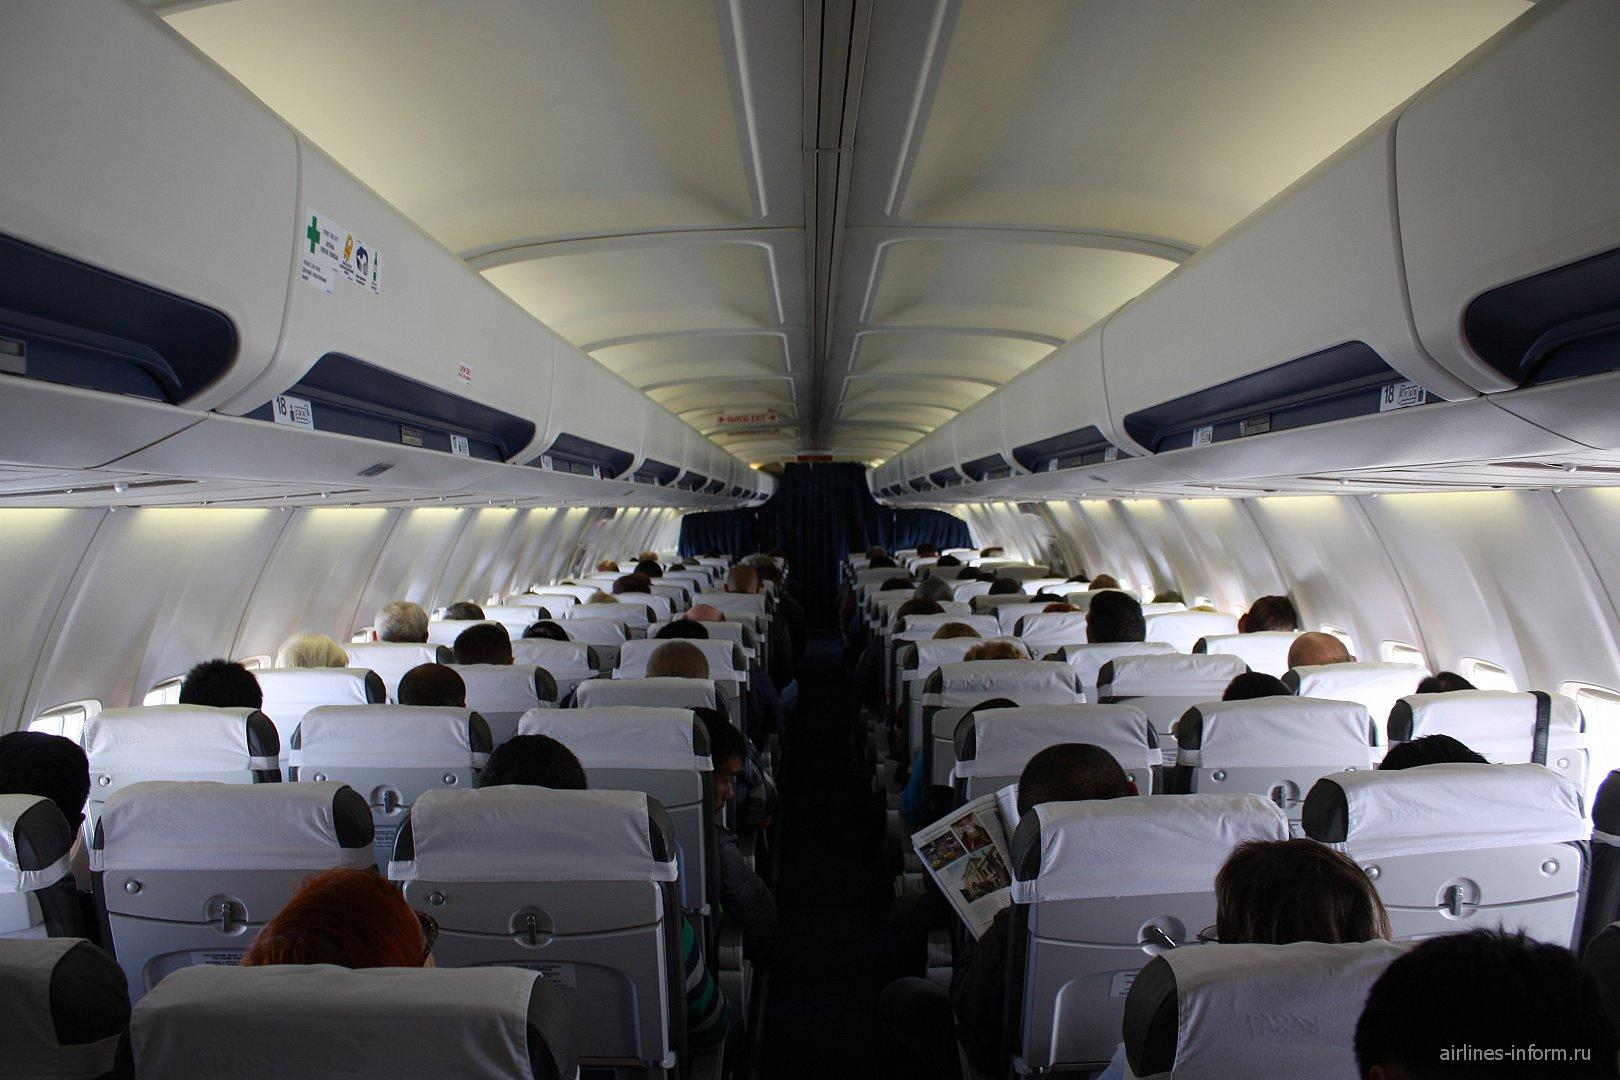 """Салон самолета Боинг-737-500 авиакомпании """"Аврора"""""""